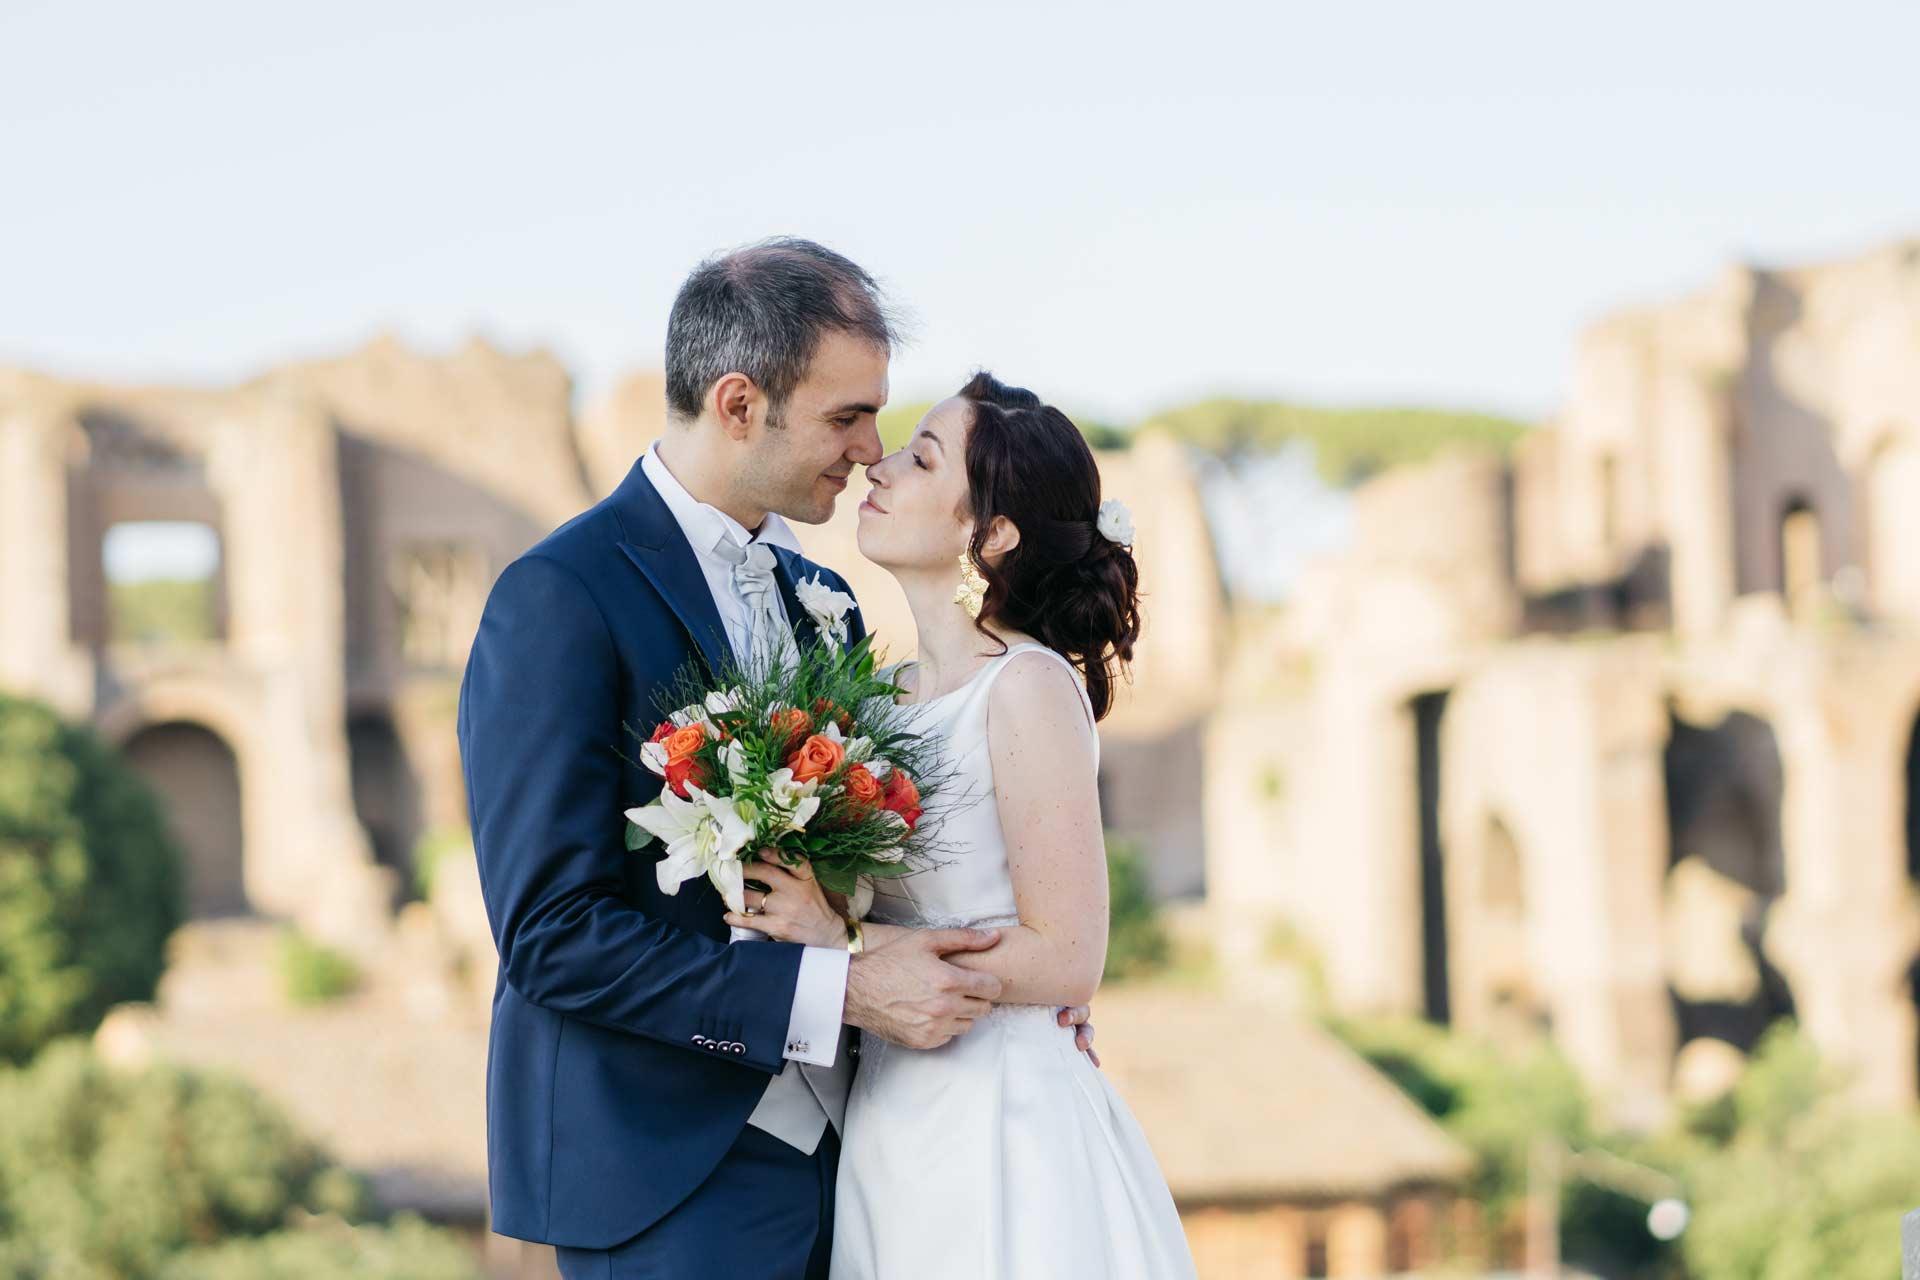 fotografo-matrimonio-reportage-16-C&M